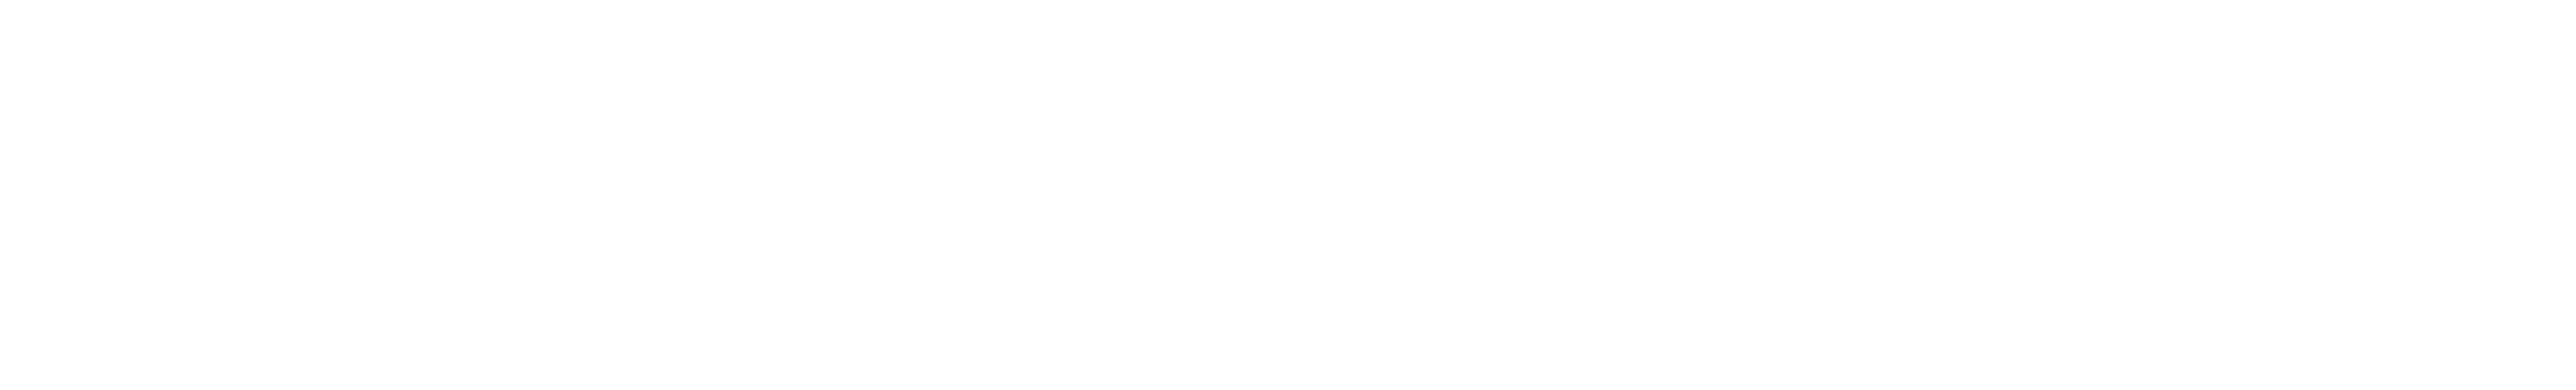 G+D Stiftung